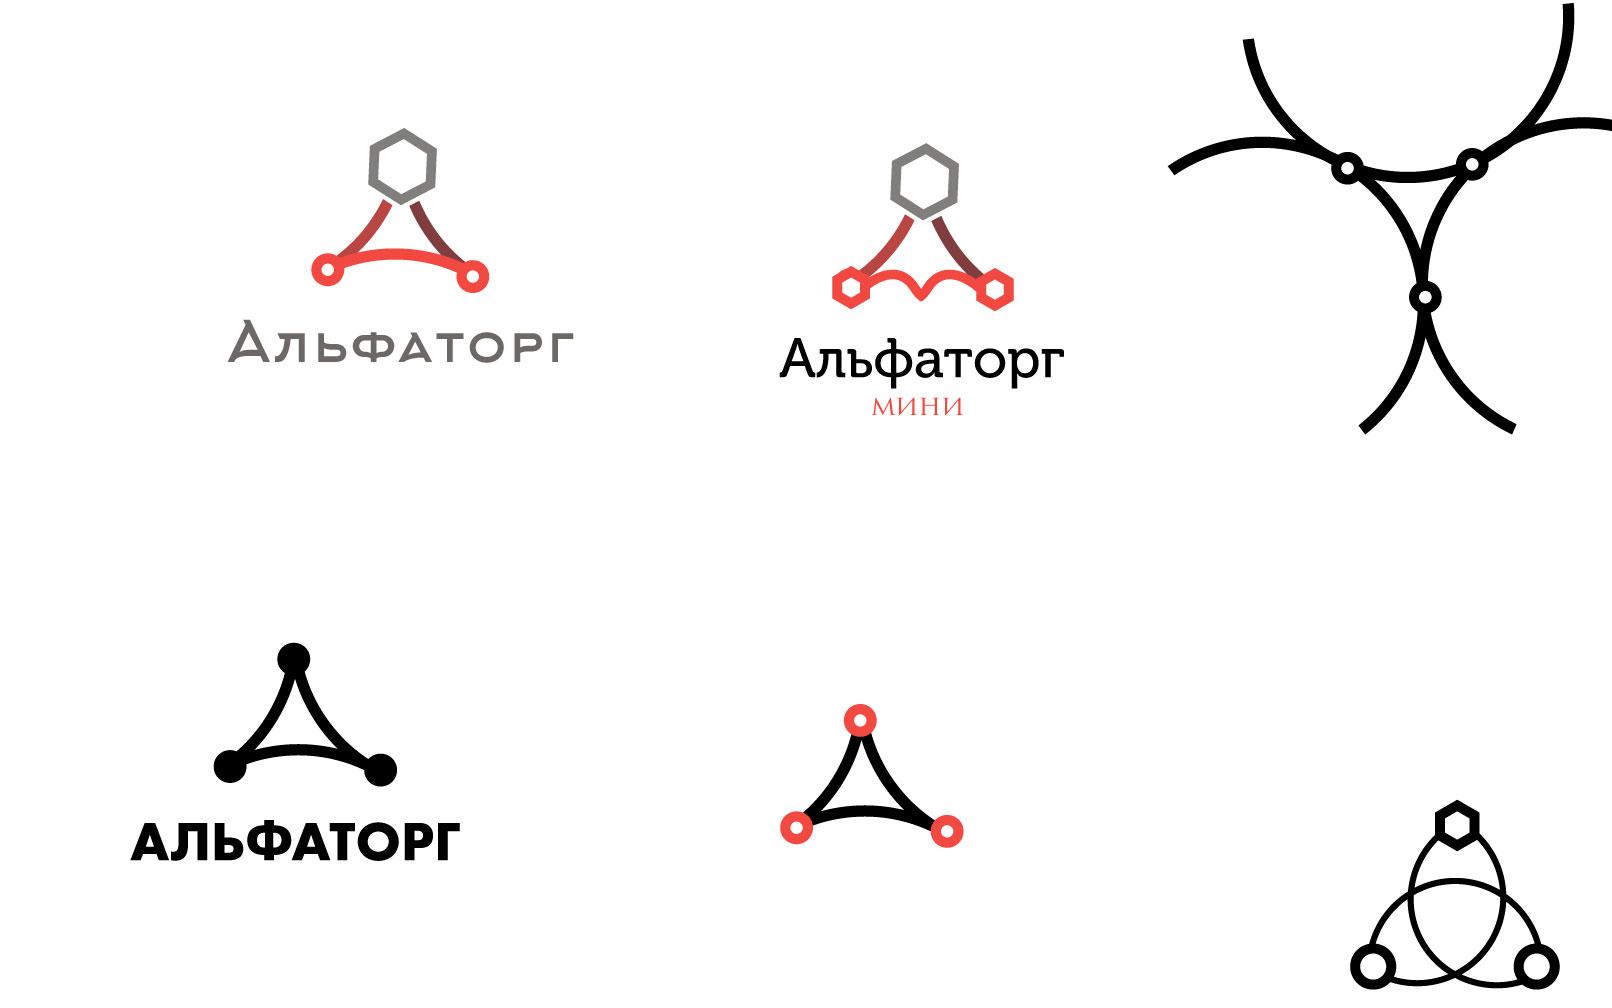 Логотип и фирменный стиль фото f_9095f096cdb8586c.jpg